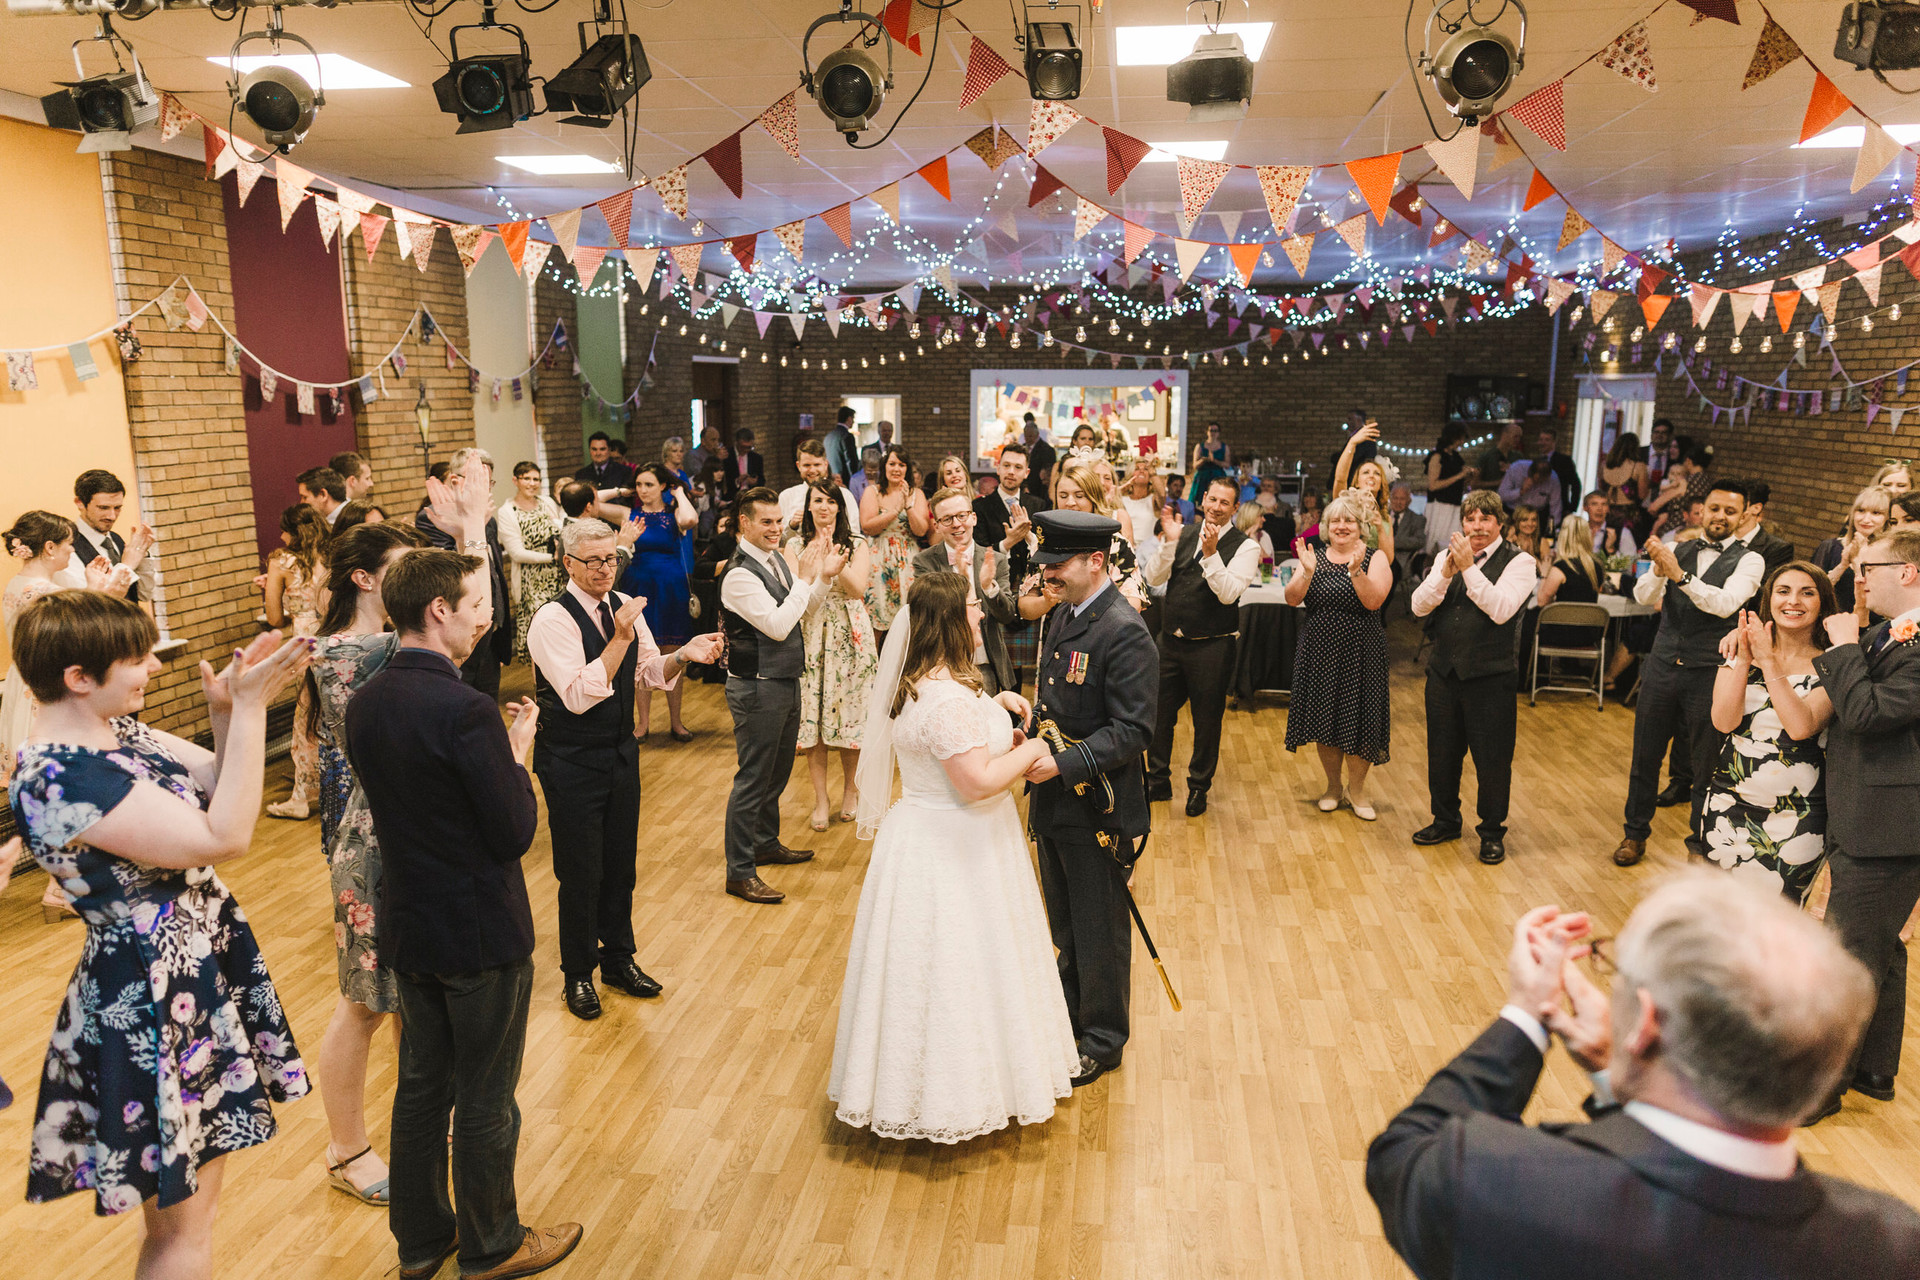 dancing in lymm parish centre